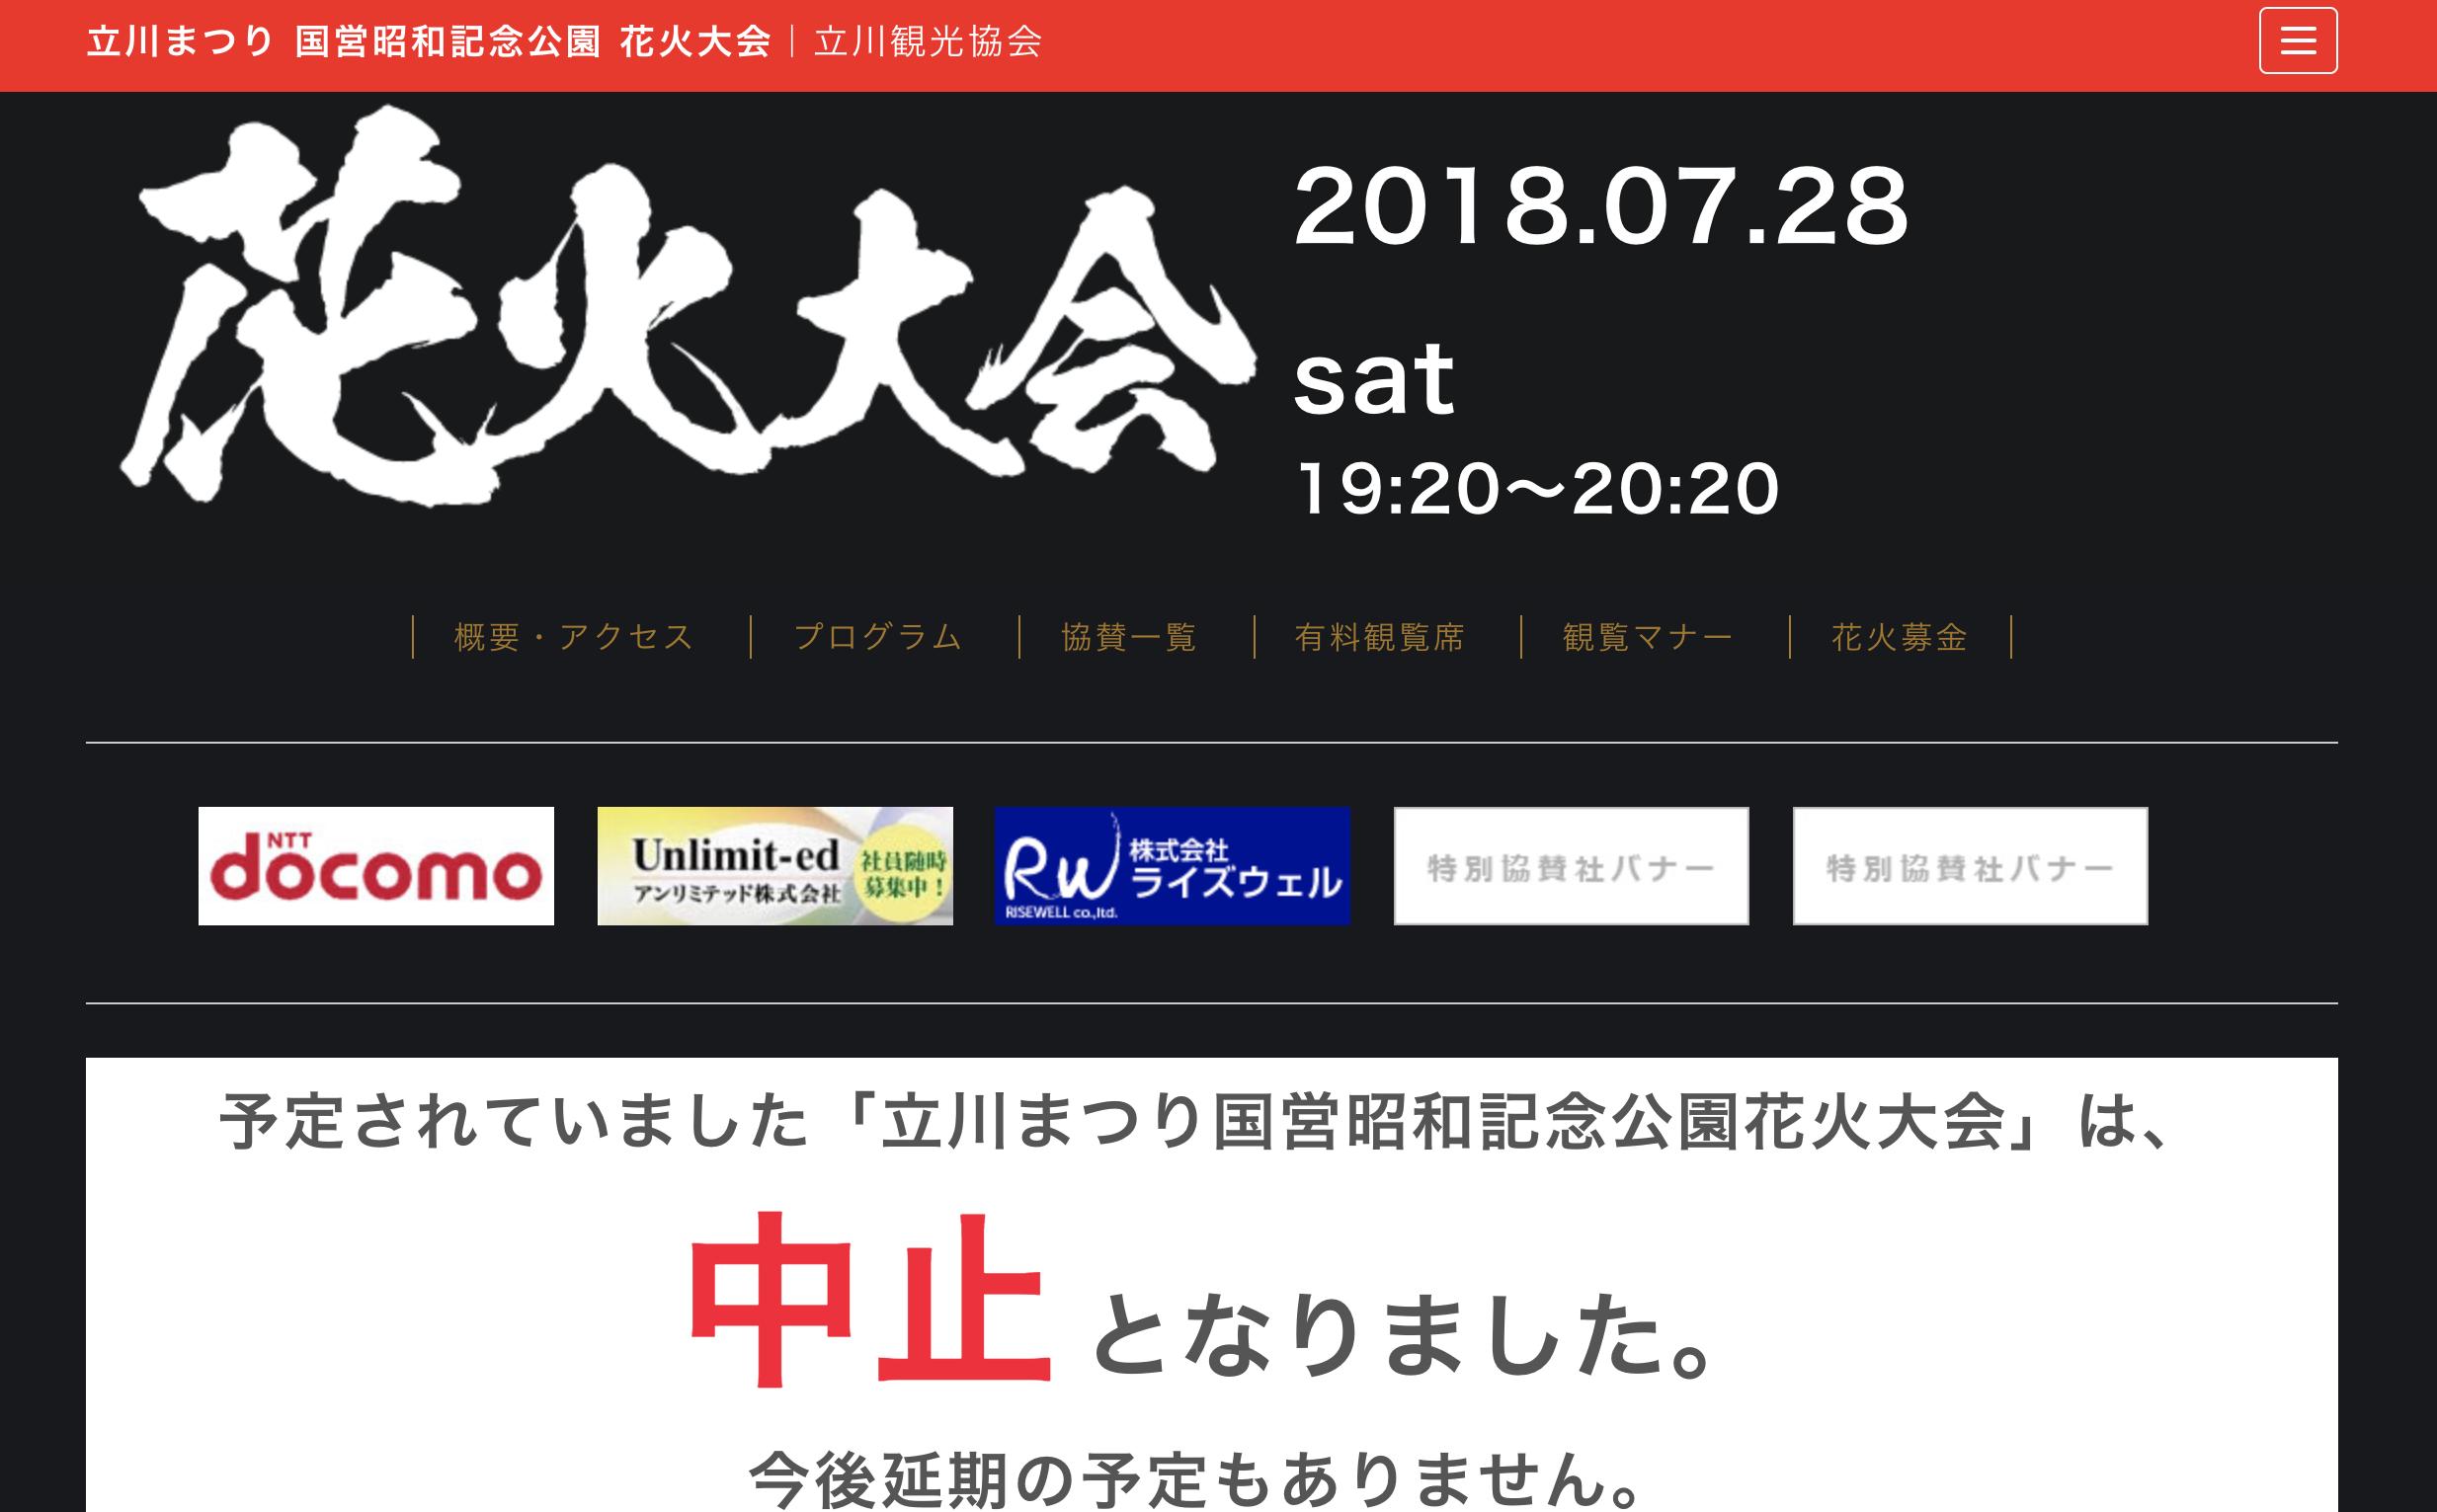 立川まつり国営昭和記念公園花火大会 公式サイトより